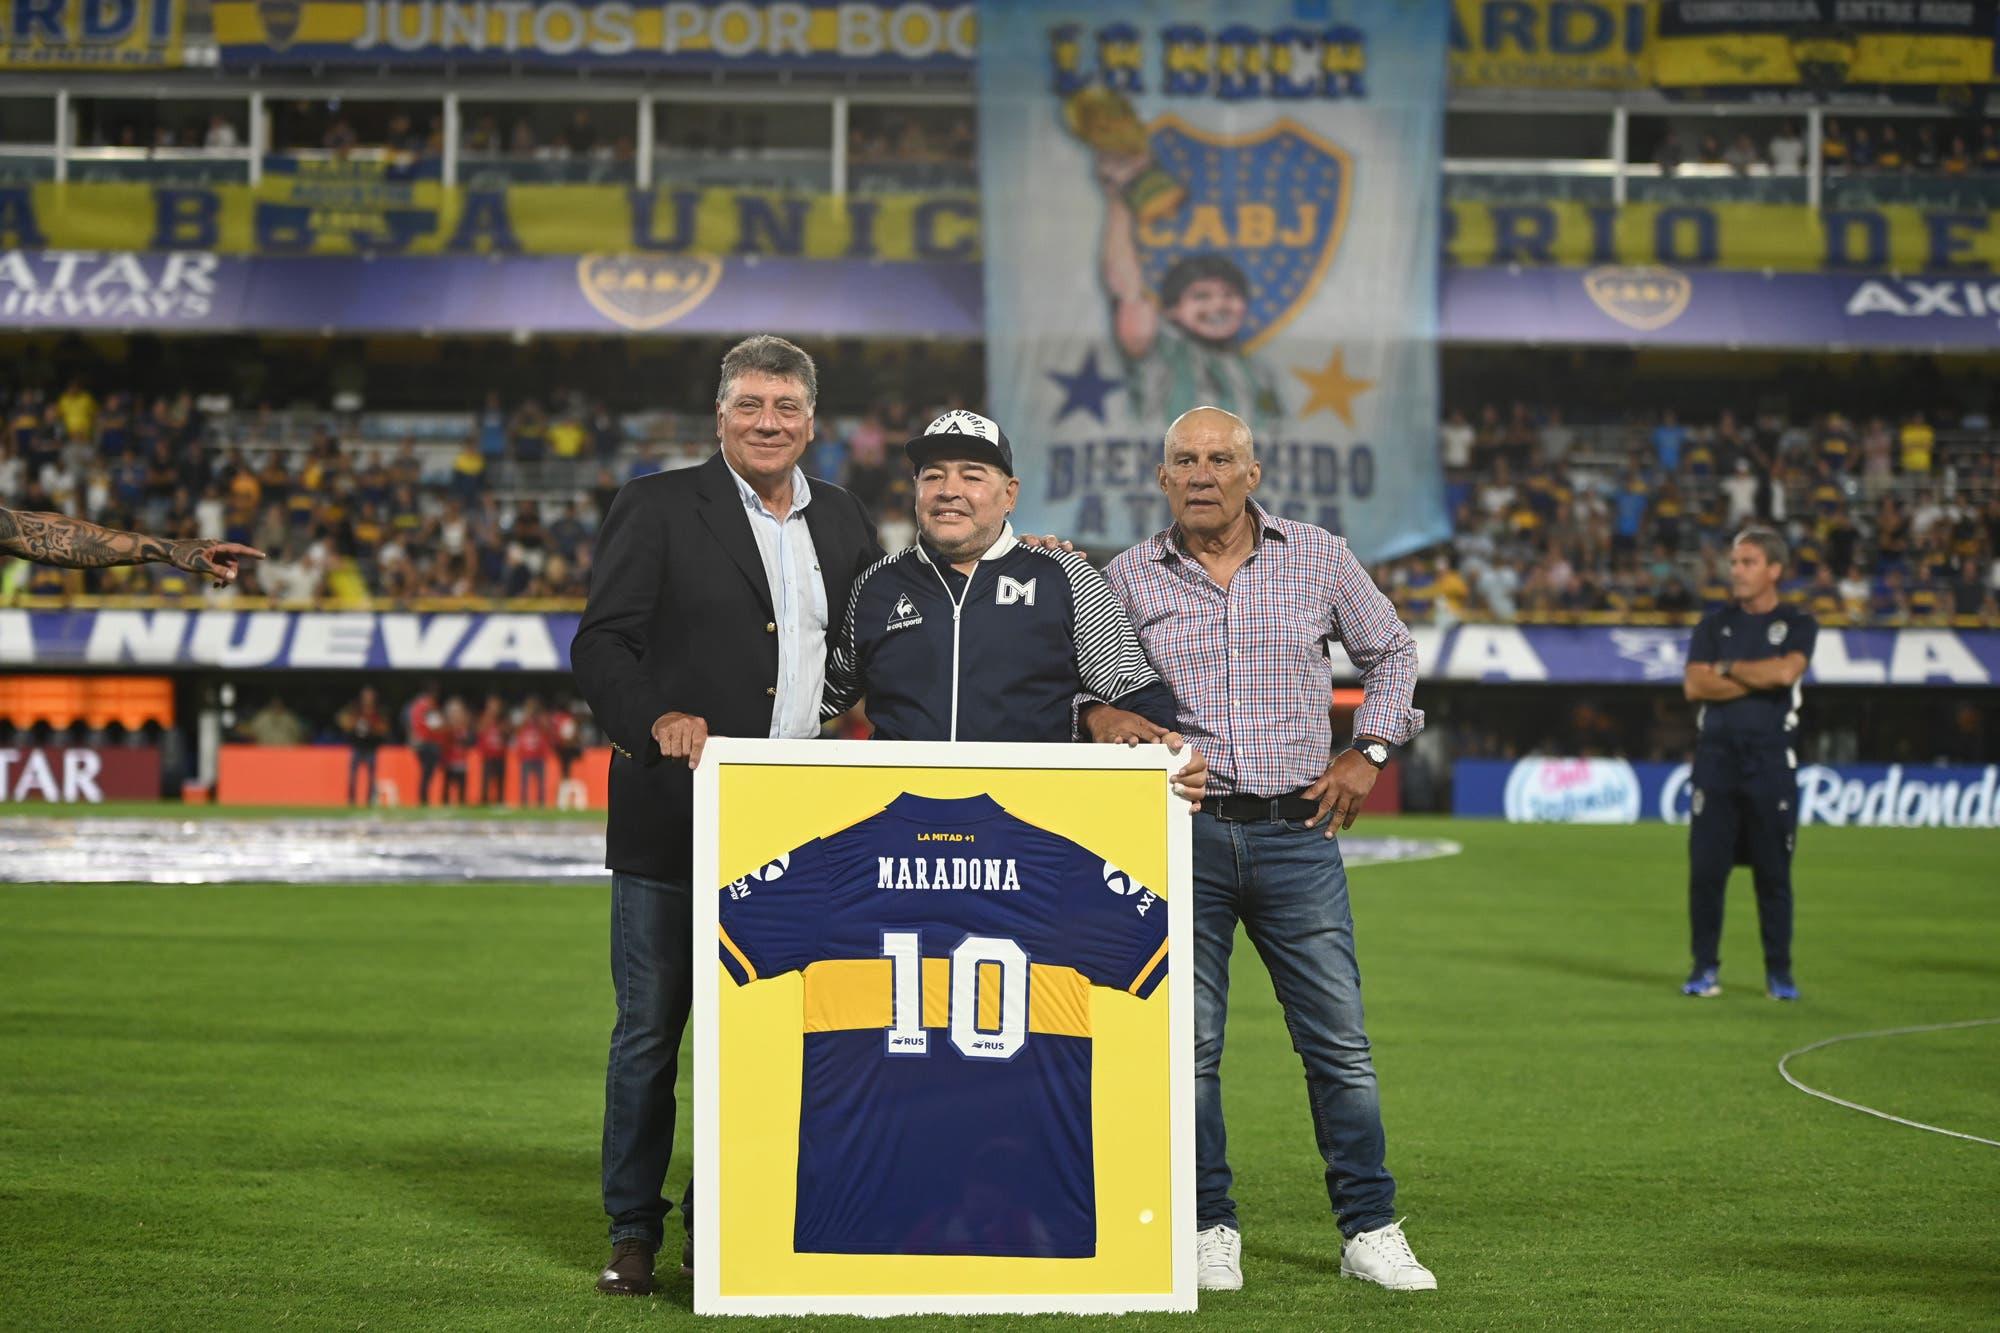 Boca-Gimnasia: Maradona fue ovacionado por los hinchas en un recibimiento inolvidable